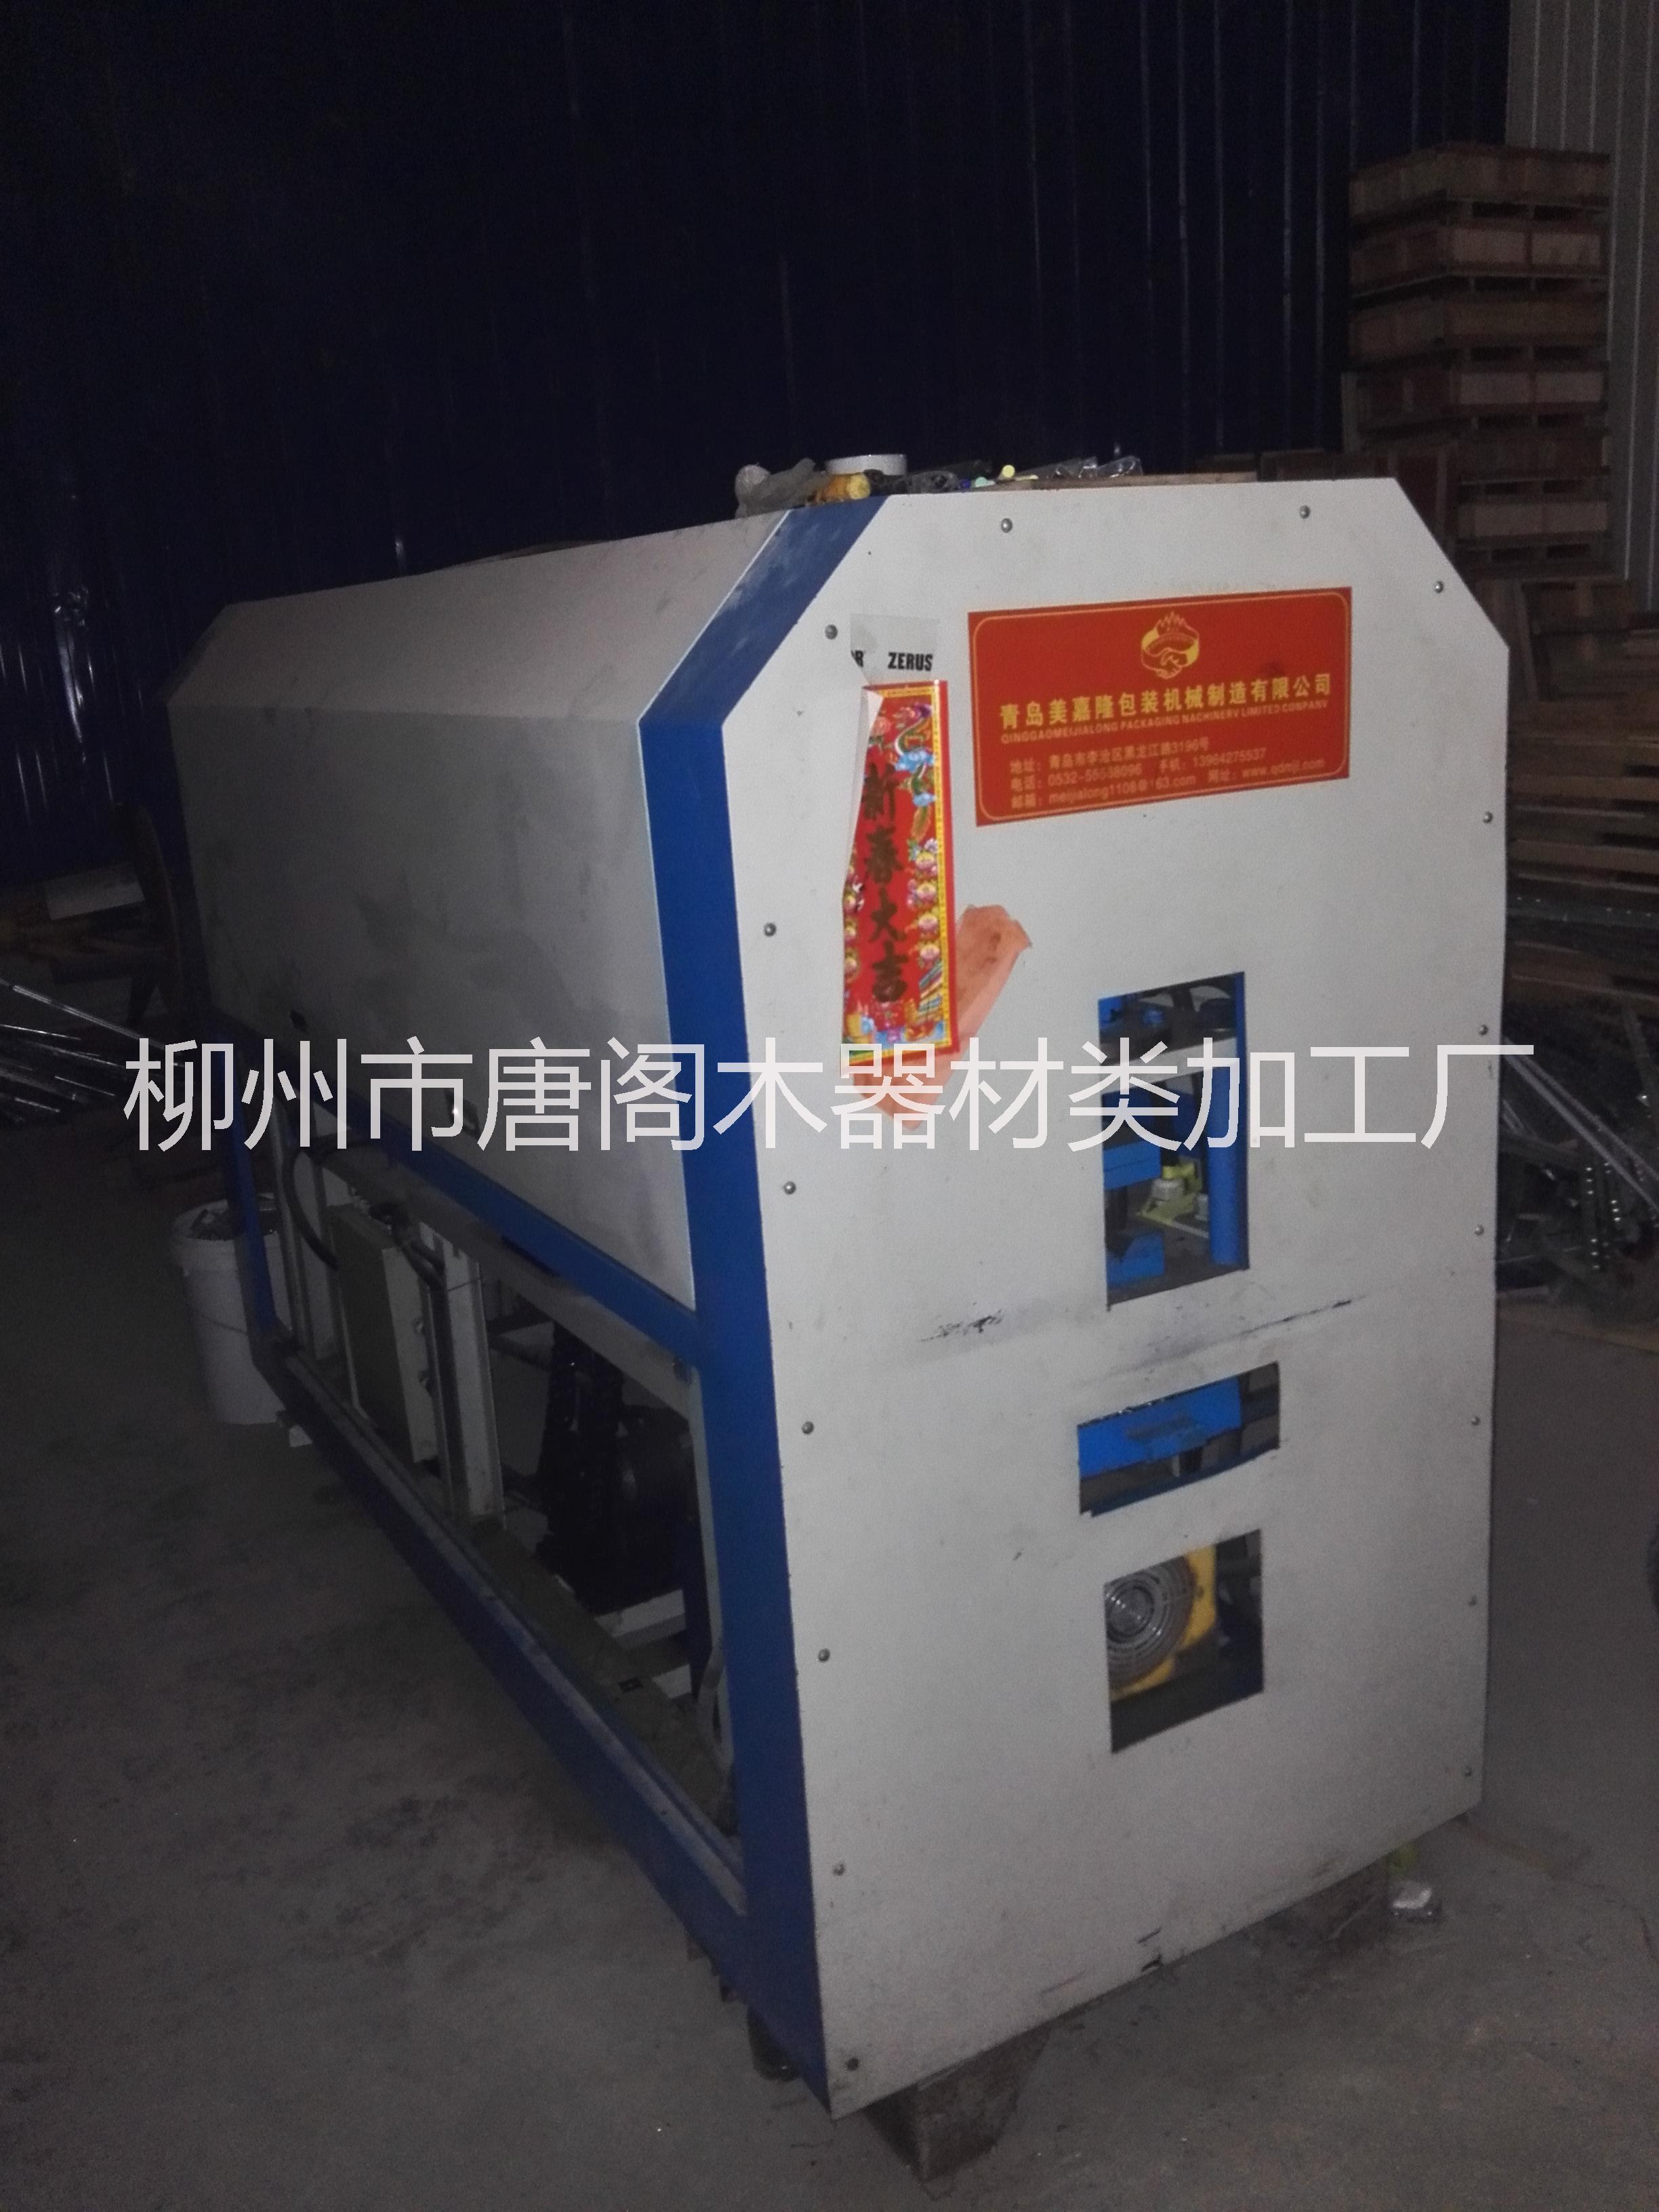 柳州钢带成型机价格     广西钢带成型机厂家直销     钢带成型机供应商     钢带成型机